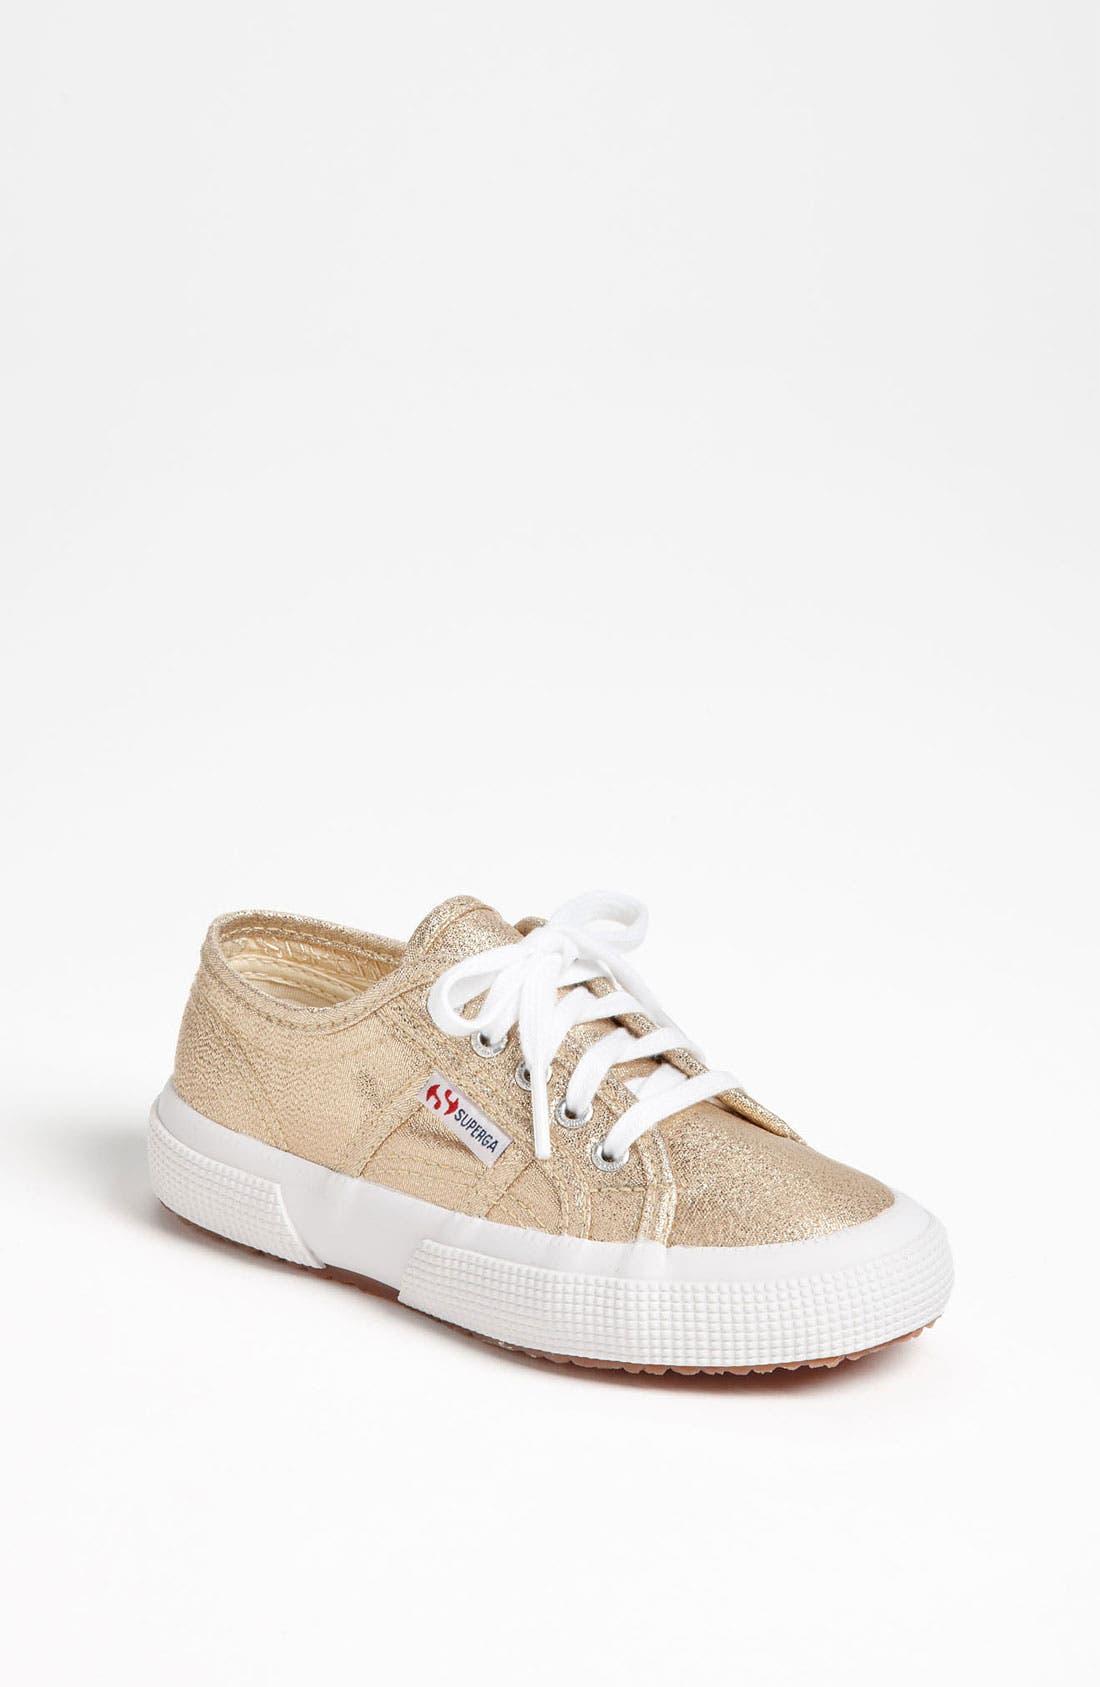 Alternate Image 1 Selected - Superga 'Classic Glitter' Sneaker (Walker, Toddler & Little Kid)